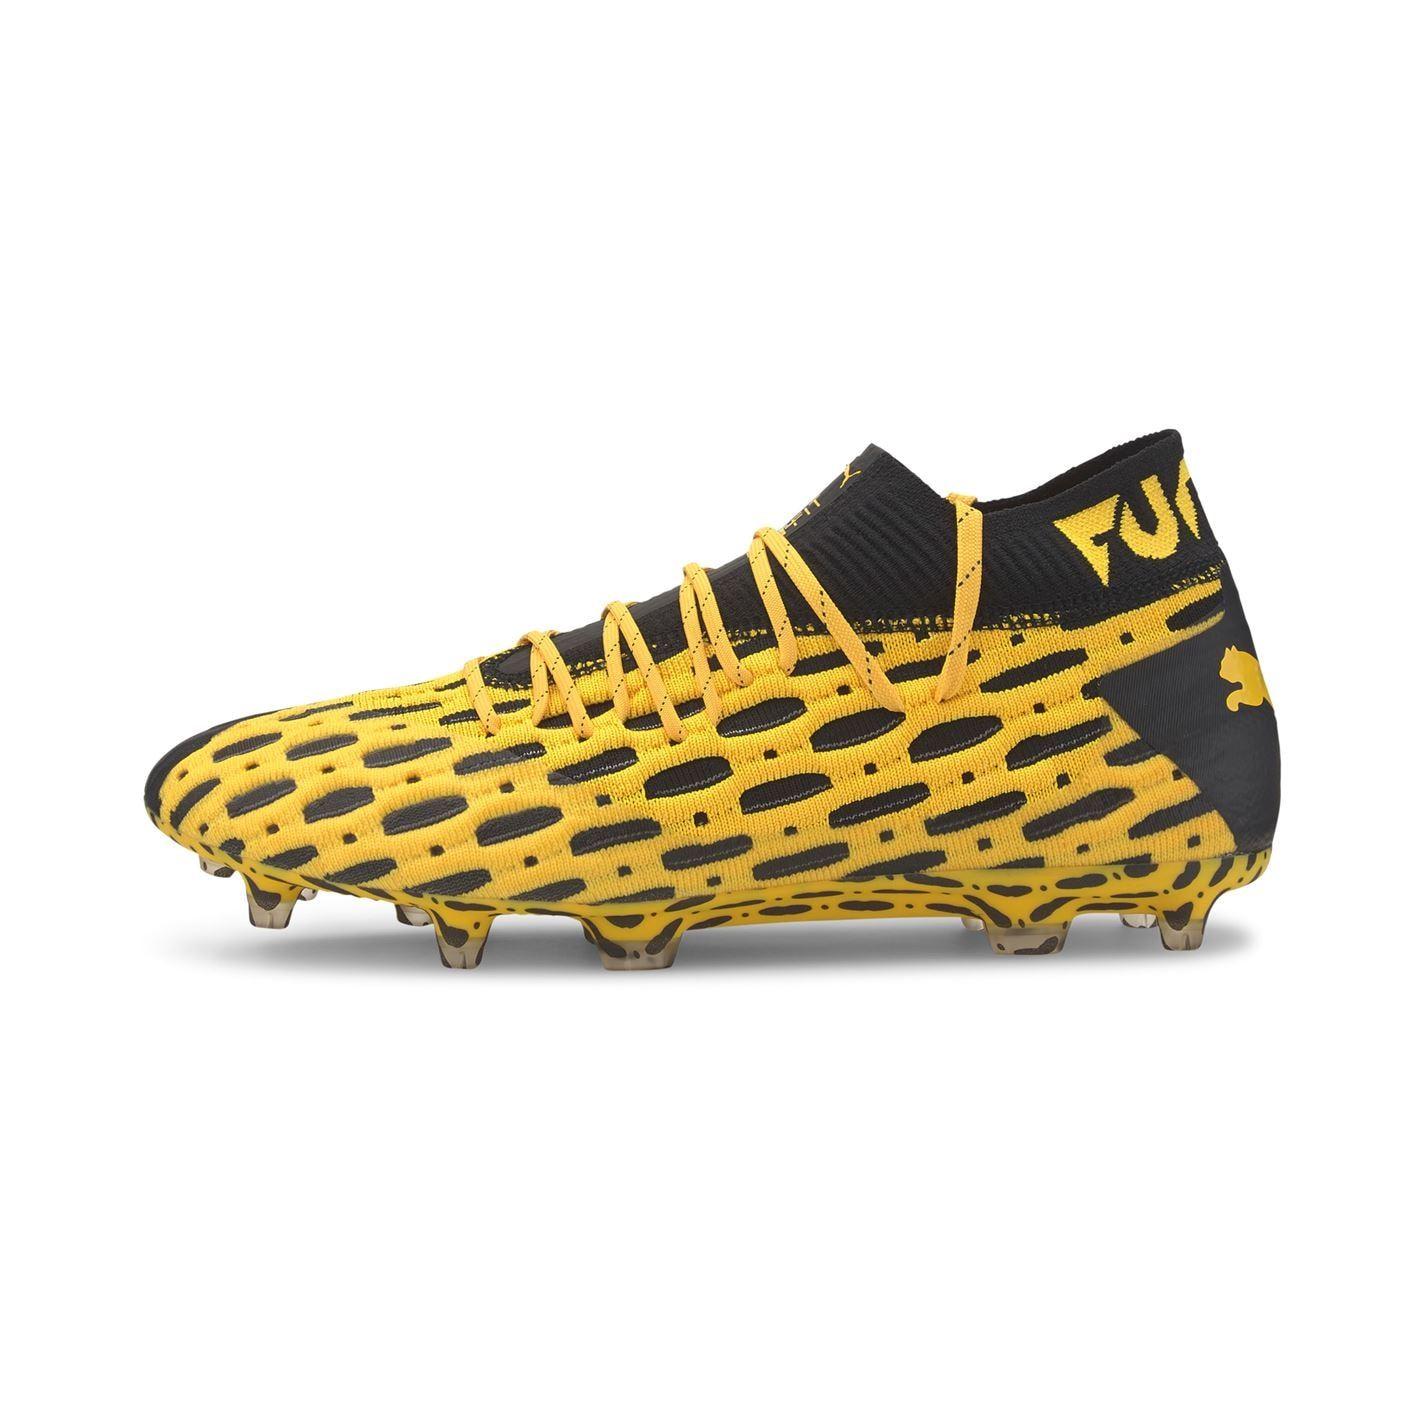 miniature 8 - Puma Future 5.1 Homme FG Firm Ground Chaussures De Football Chaussures de Foot Crampons Baskets